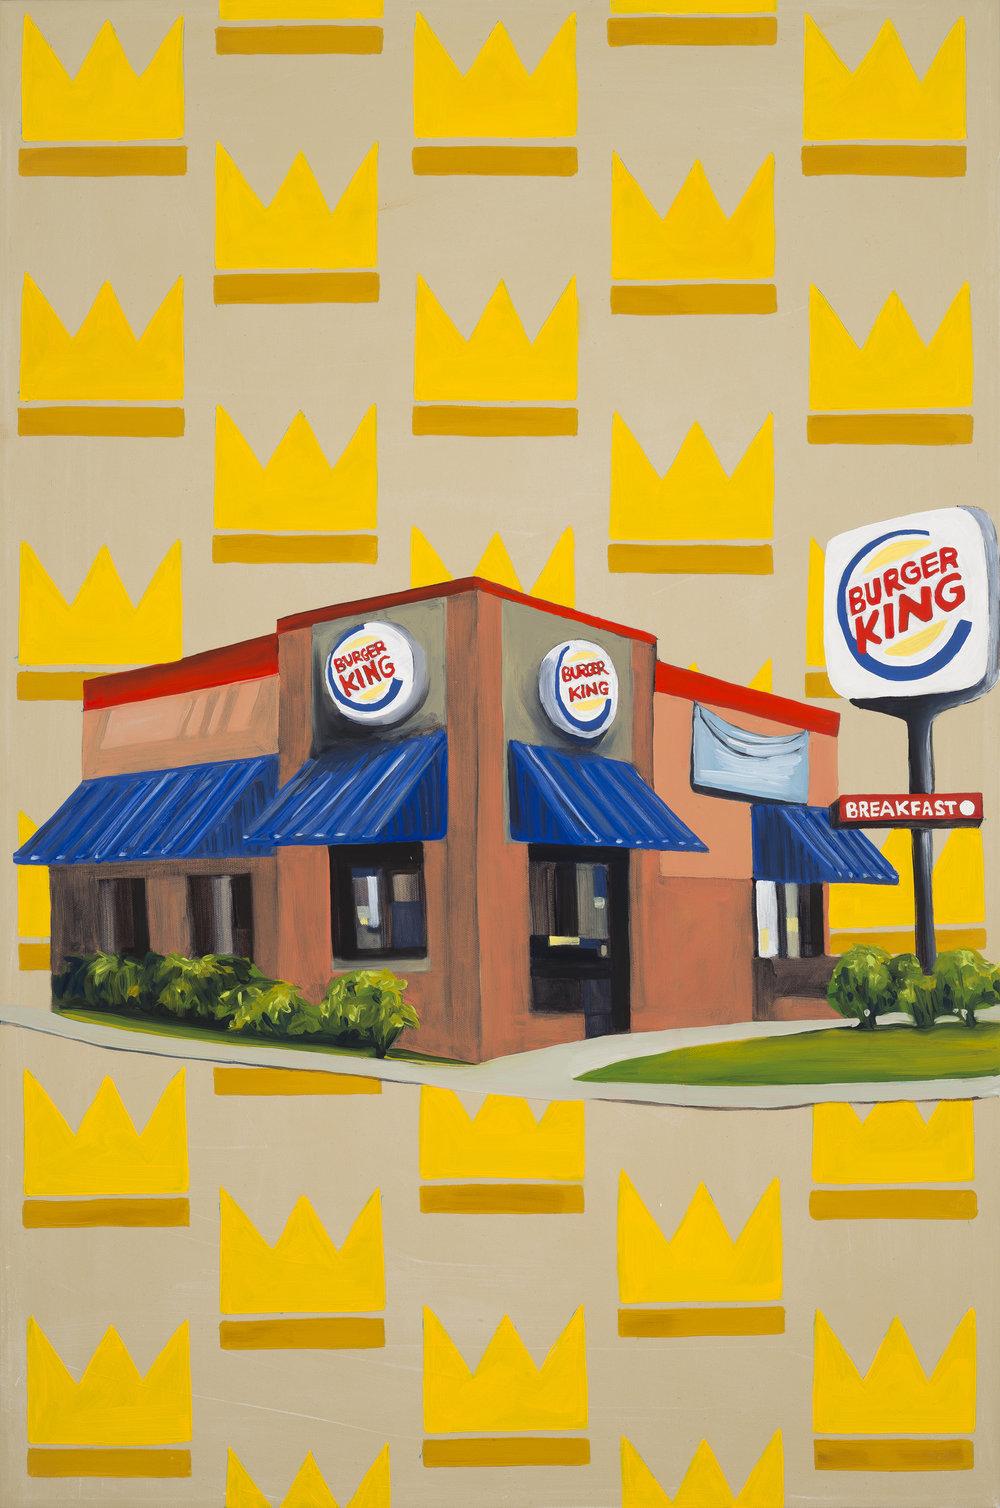 Burger King, 2017